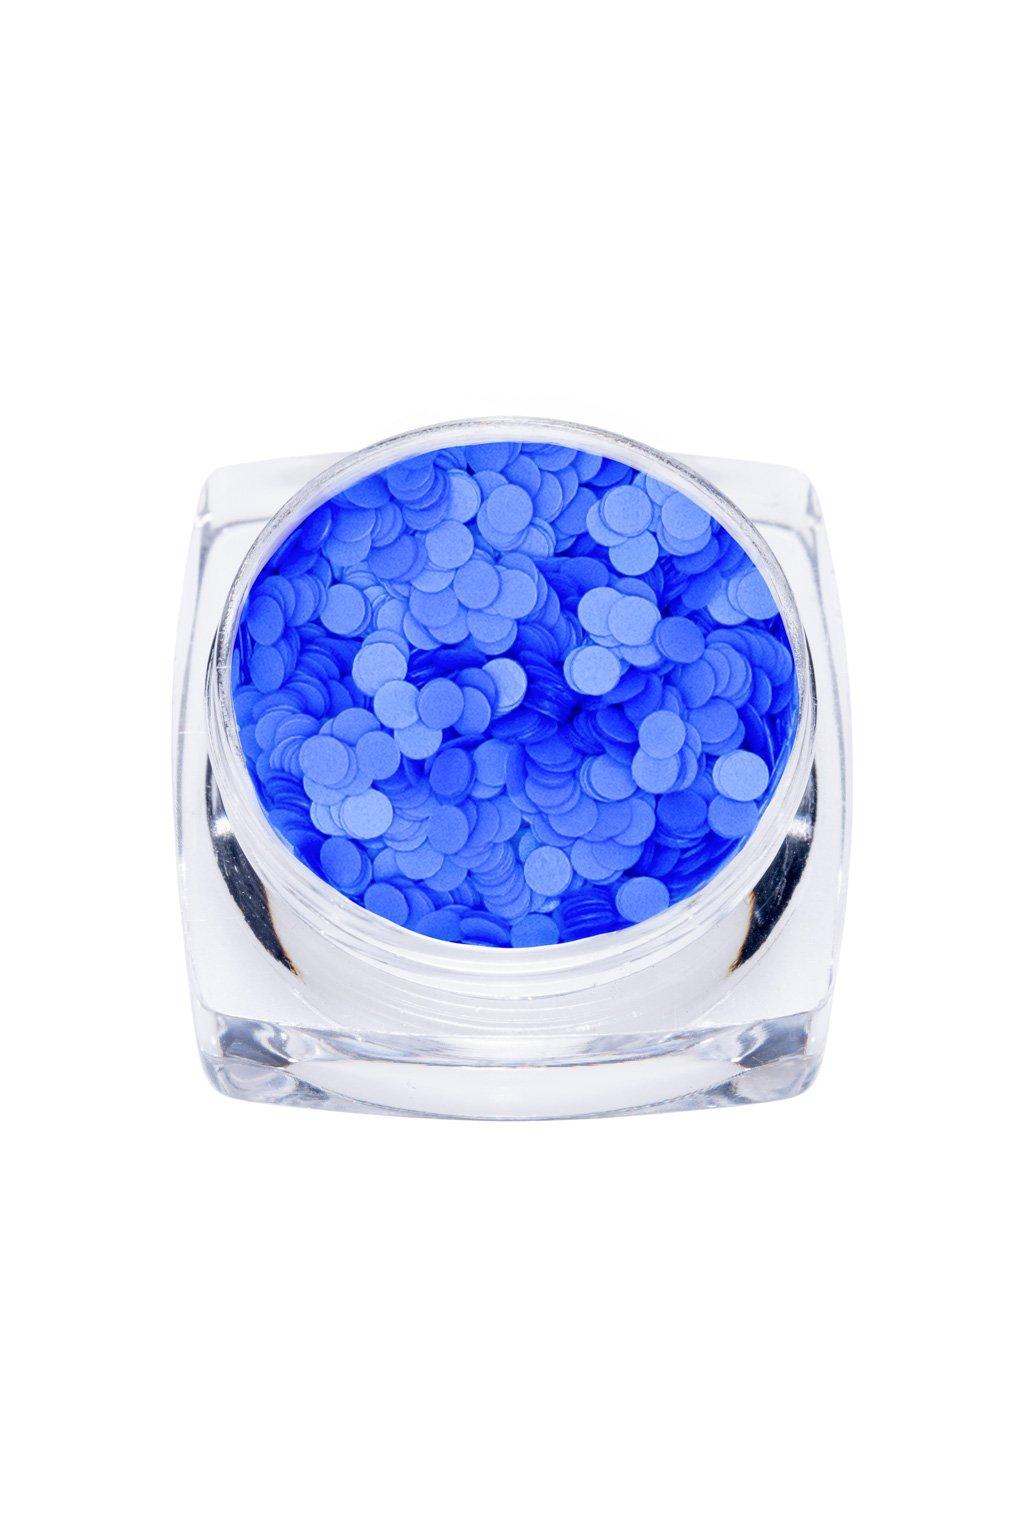 23996 minipihy neon blue 2mm